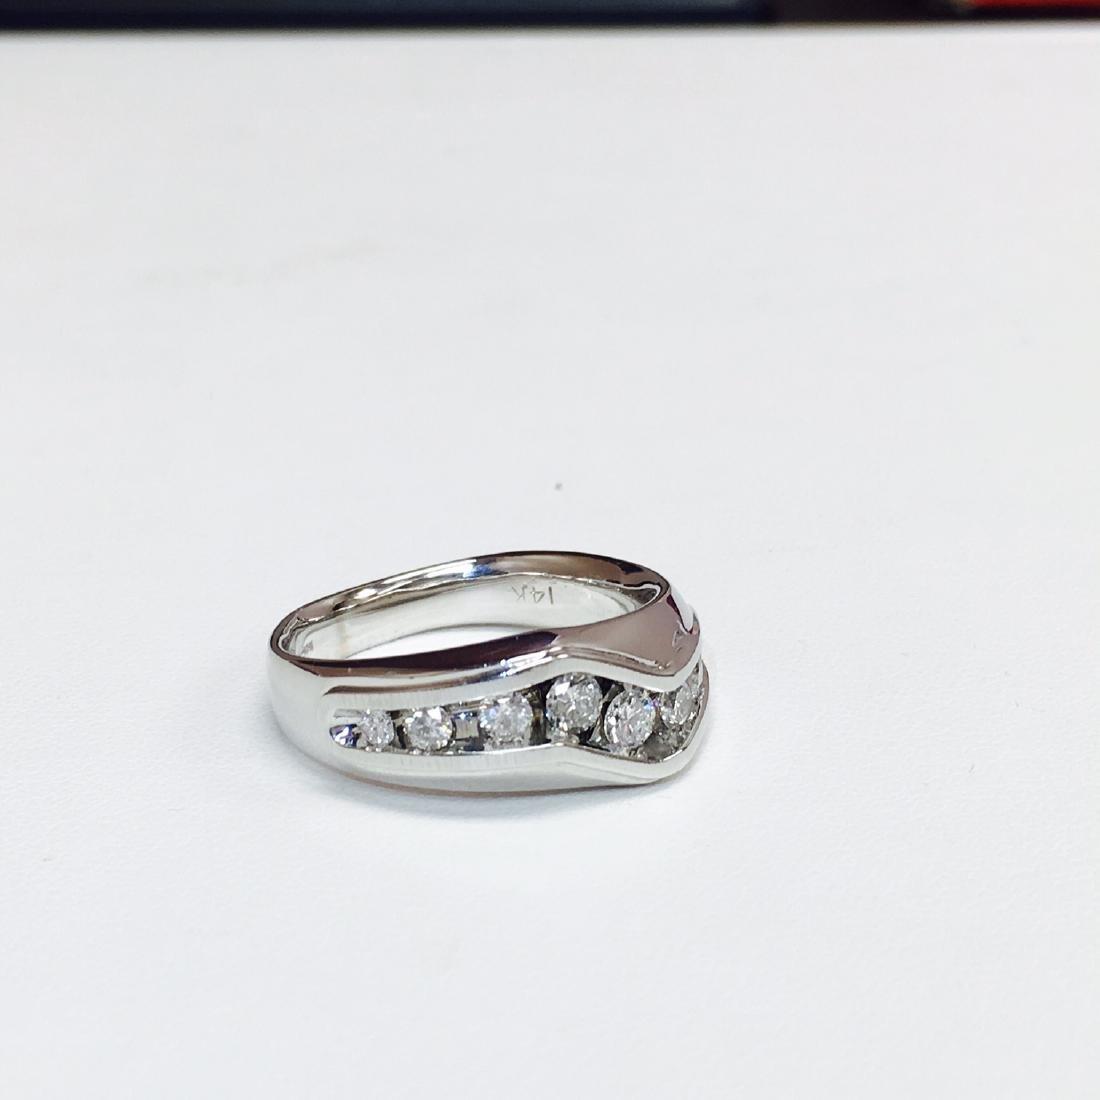 14k White Gold & 1 ct Diamond Band/RING - 2